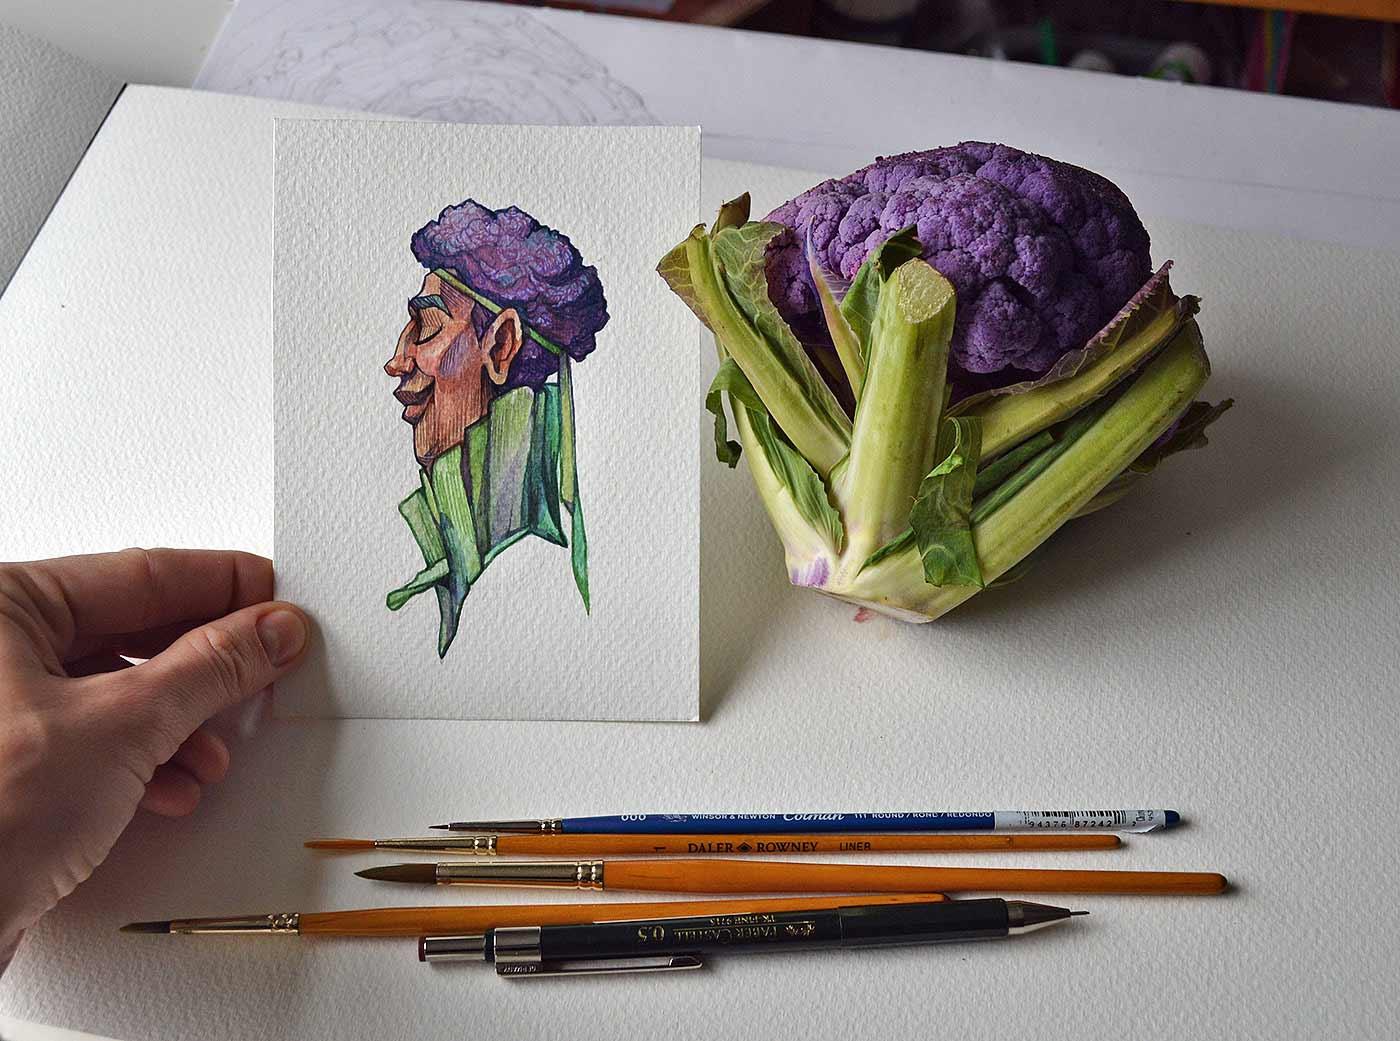 Früchte als Personen gezeichnet obst-als-personen-Marija-Tiurina_03